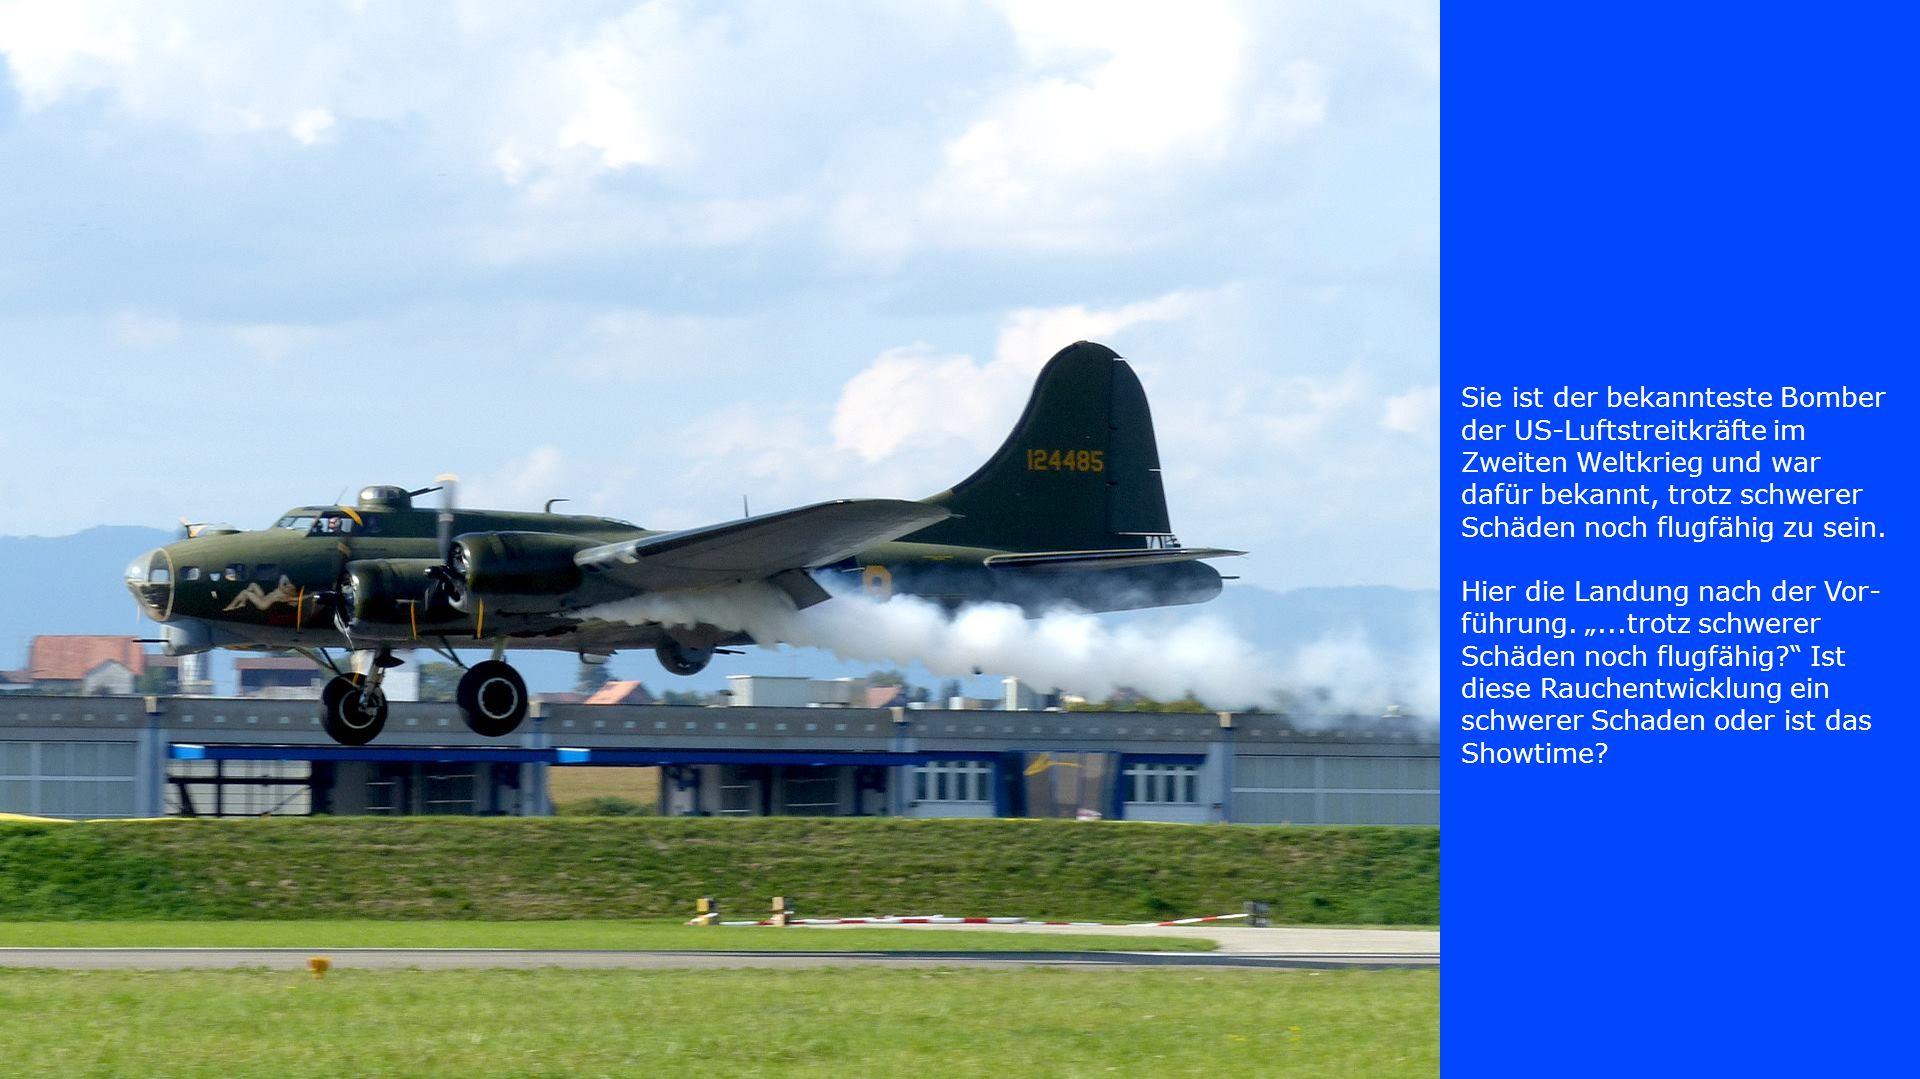 Sie ist der bekannteste Bomber der US-Luftstreitkräfte im Zweiten Weltkrieg und war dafür bekannt, trotz schwerer Schäden noch flugfähig zu sein. Hier